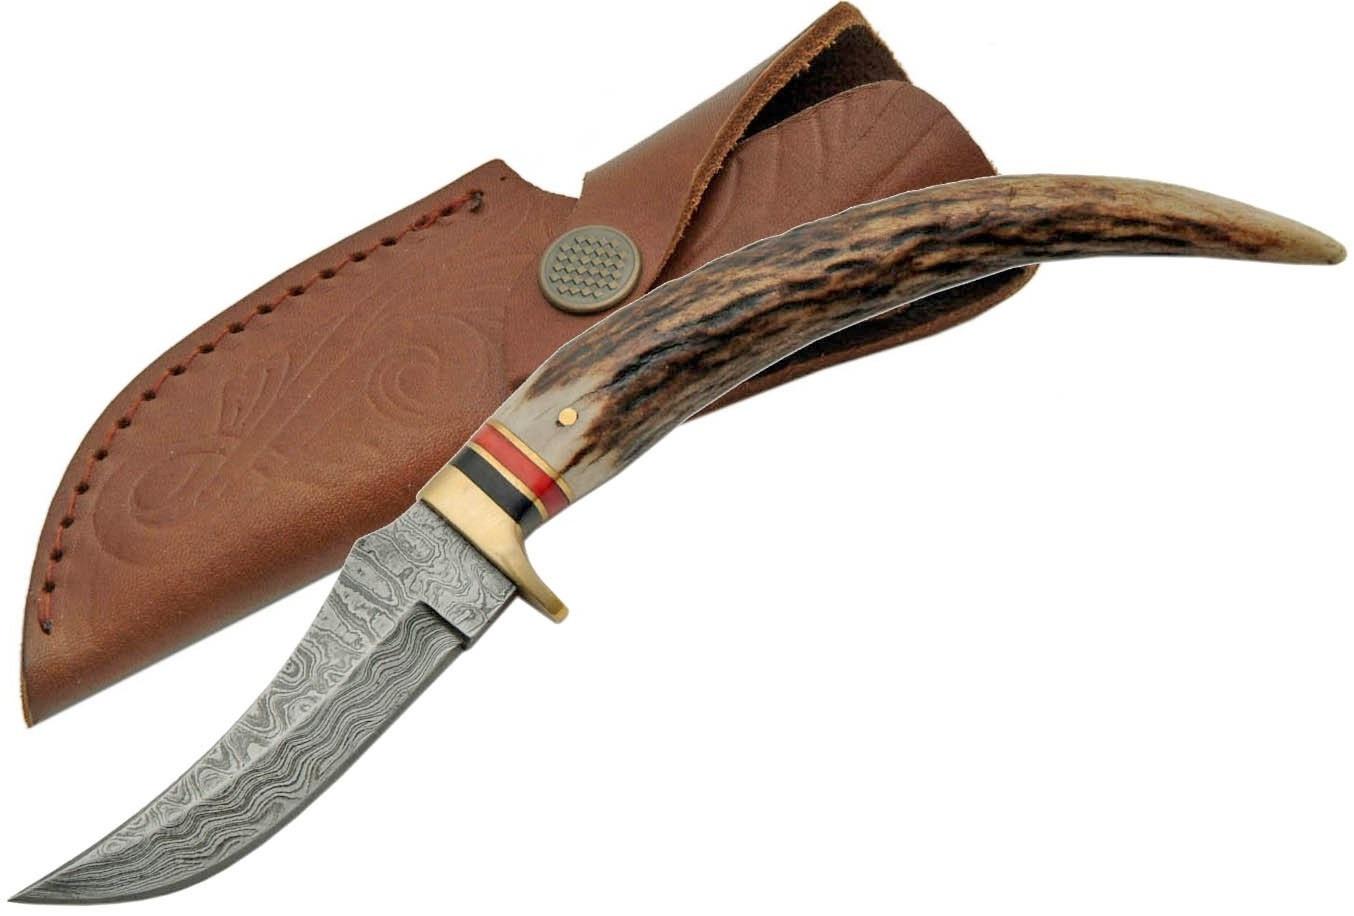 poignard 21 7cm lame damas couteau en bois de cerf. Black Bedroom Furniture Sets. Home Design Ideas